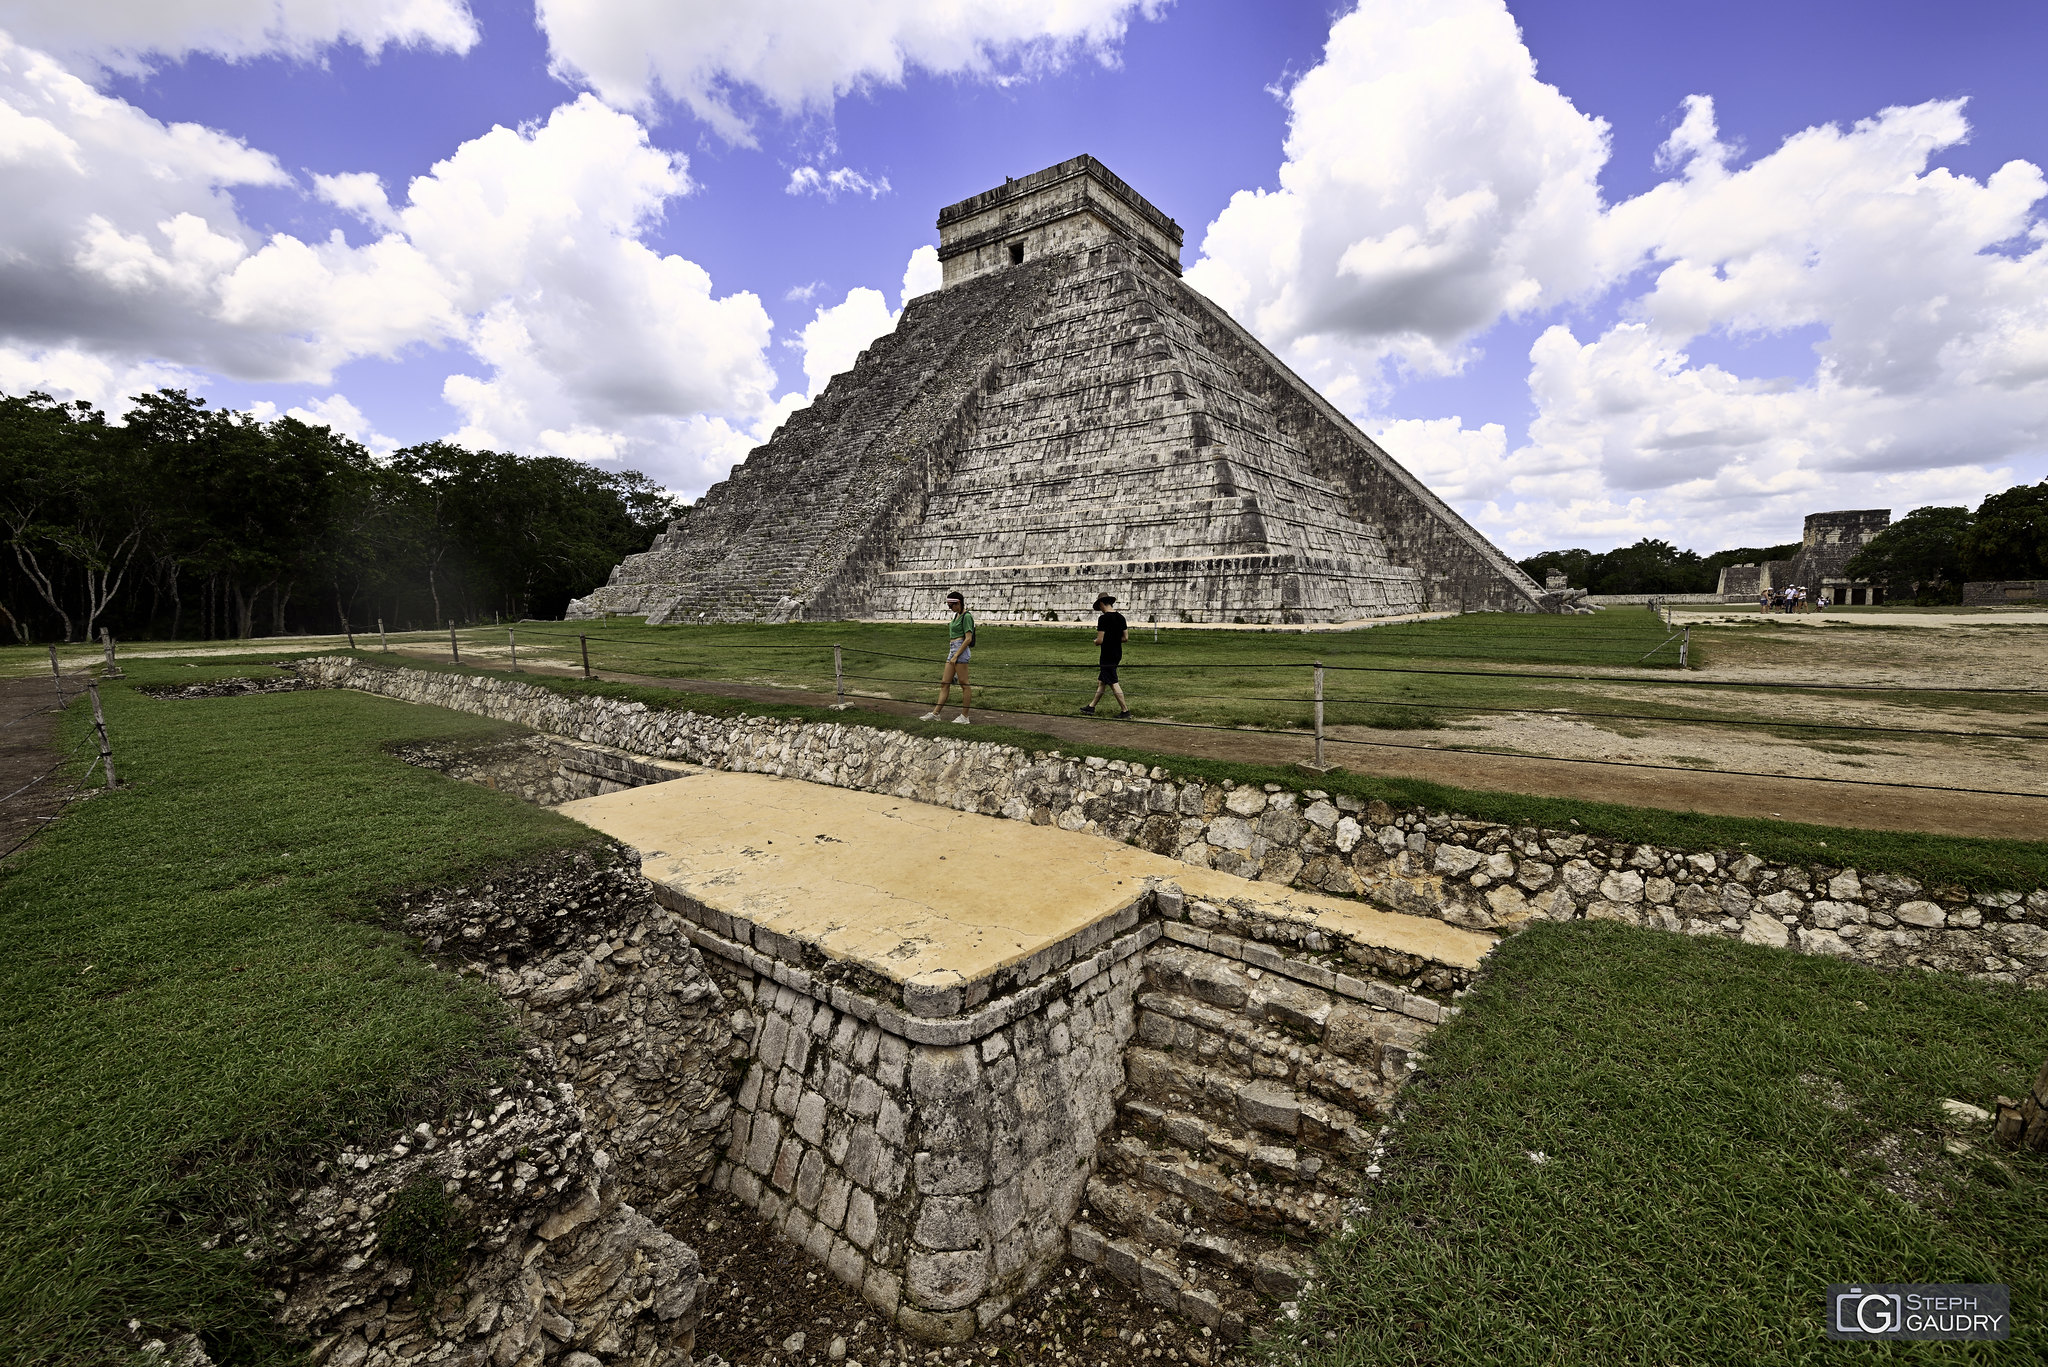 Chichén Itzá - Partie sous terre de  la pyramide de Kukulcán [Click to start slideshow]